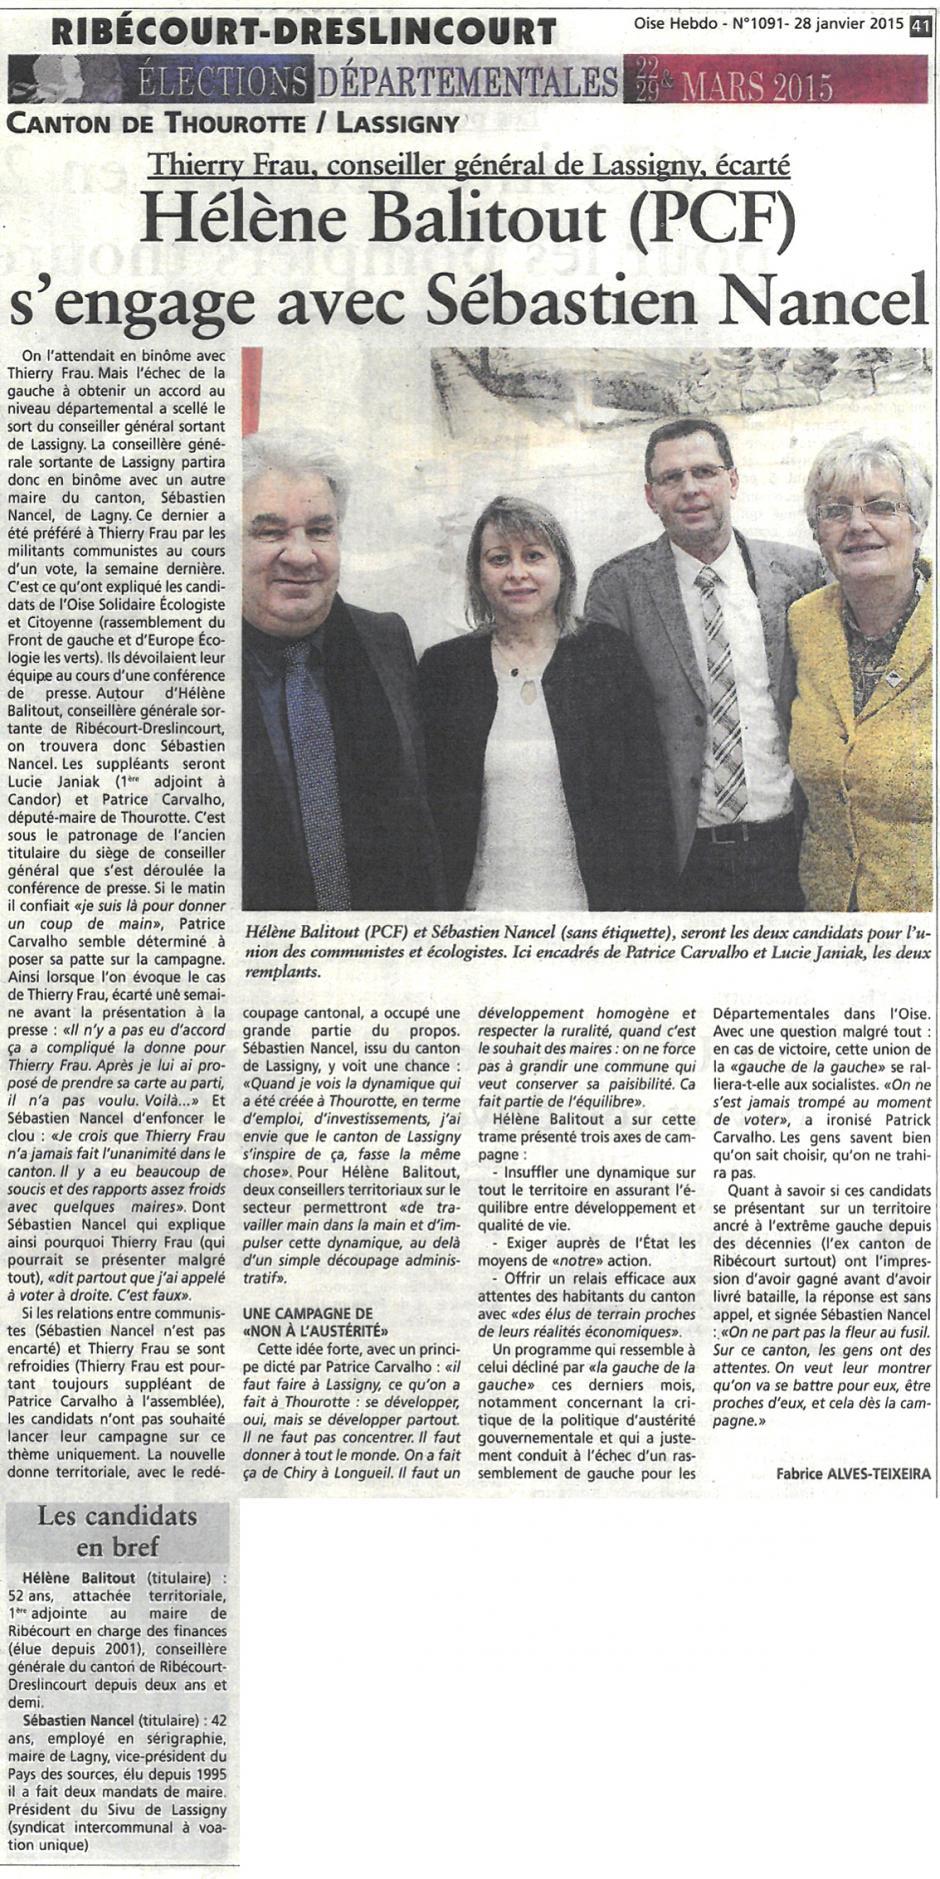 20150128-OH-Thourotte-D2015-Hélène Balitout (PCF) s'engage avec Sébastien Nancel